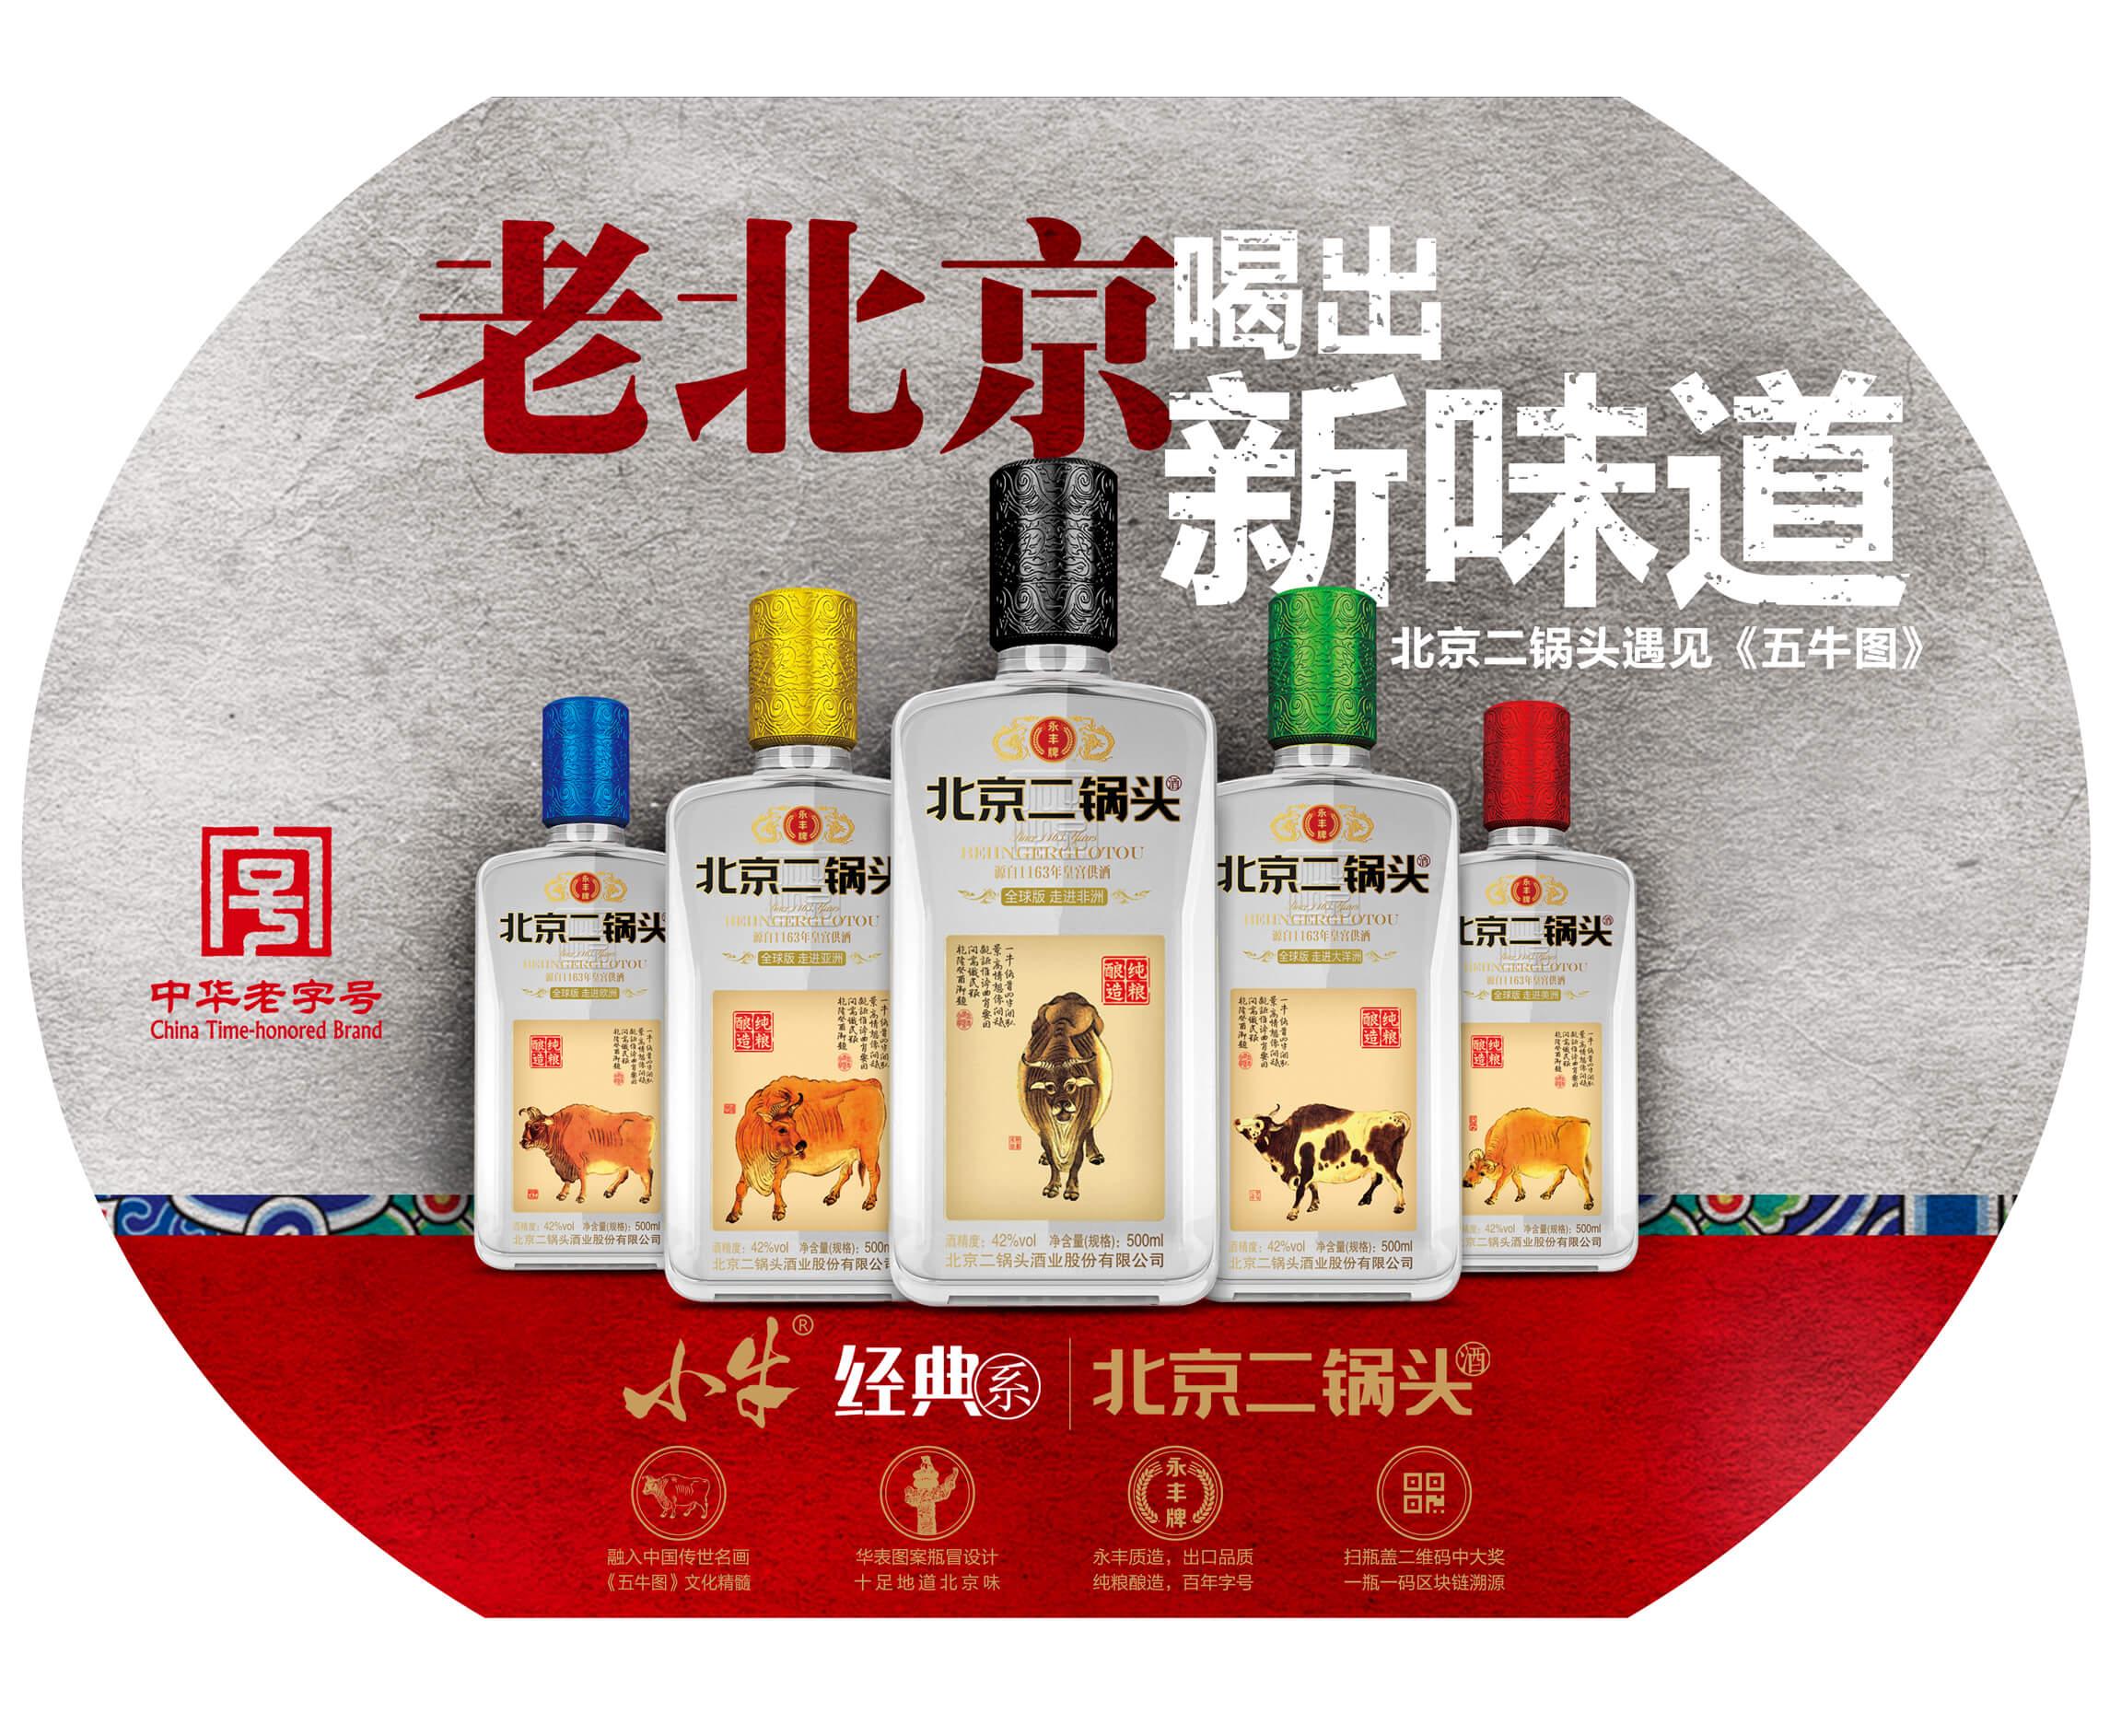 复兴北京二锅头,「小牛酒」获梅花创投千万元天使轮融资